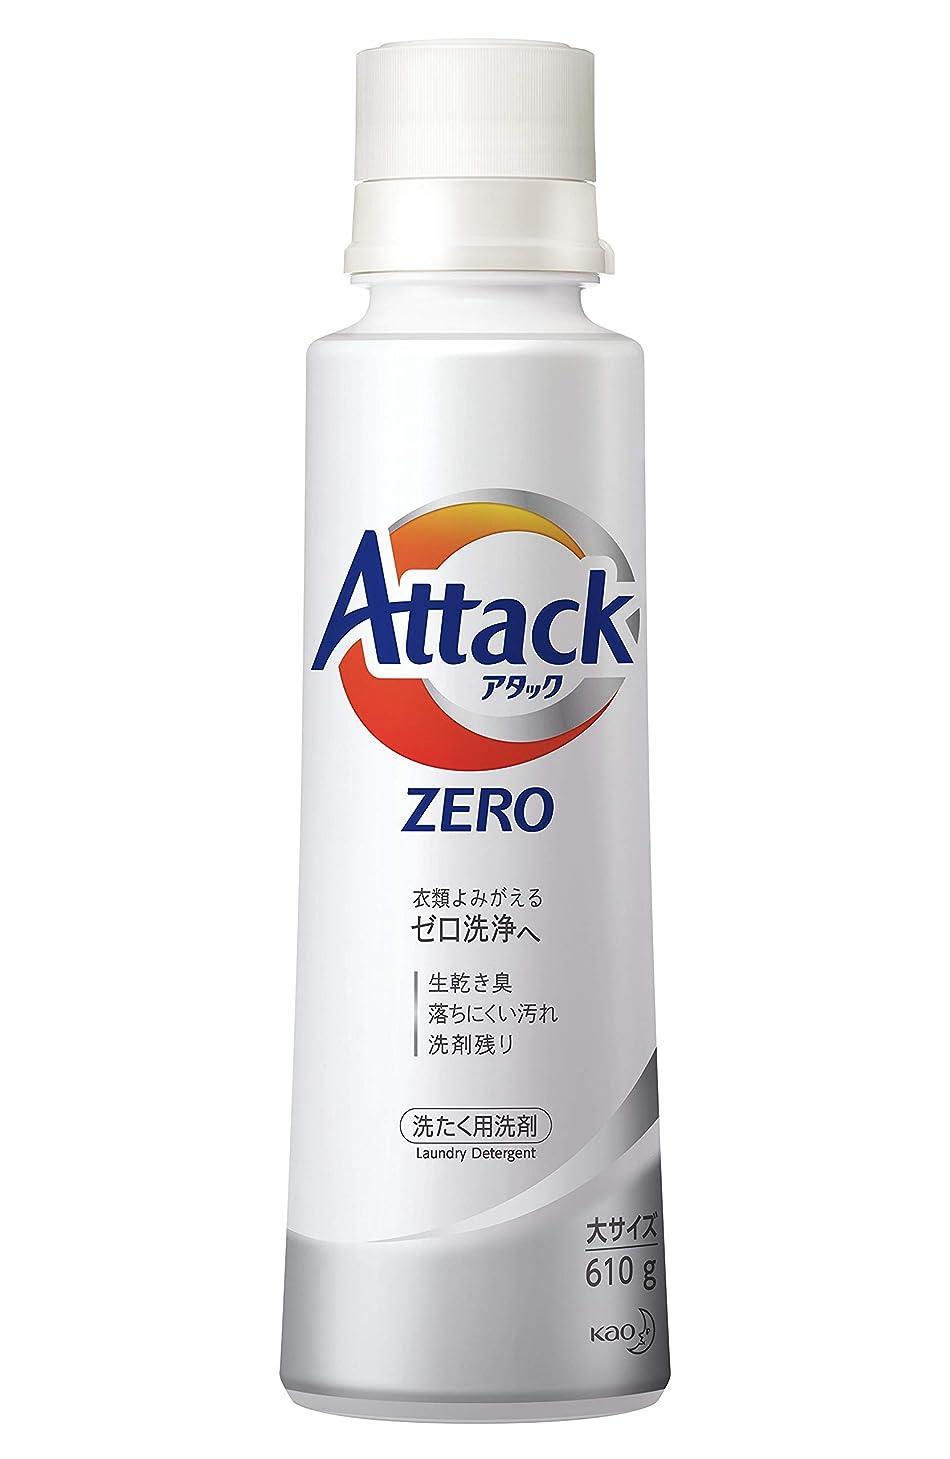 台無しにまばたき勘違いするアタック ZERO(ゼロ) 洗濯洗剤 液体 本体 610g (衣類よみがえる「ゼロ洗浄」へ)